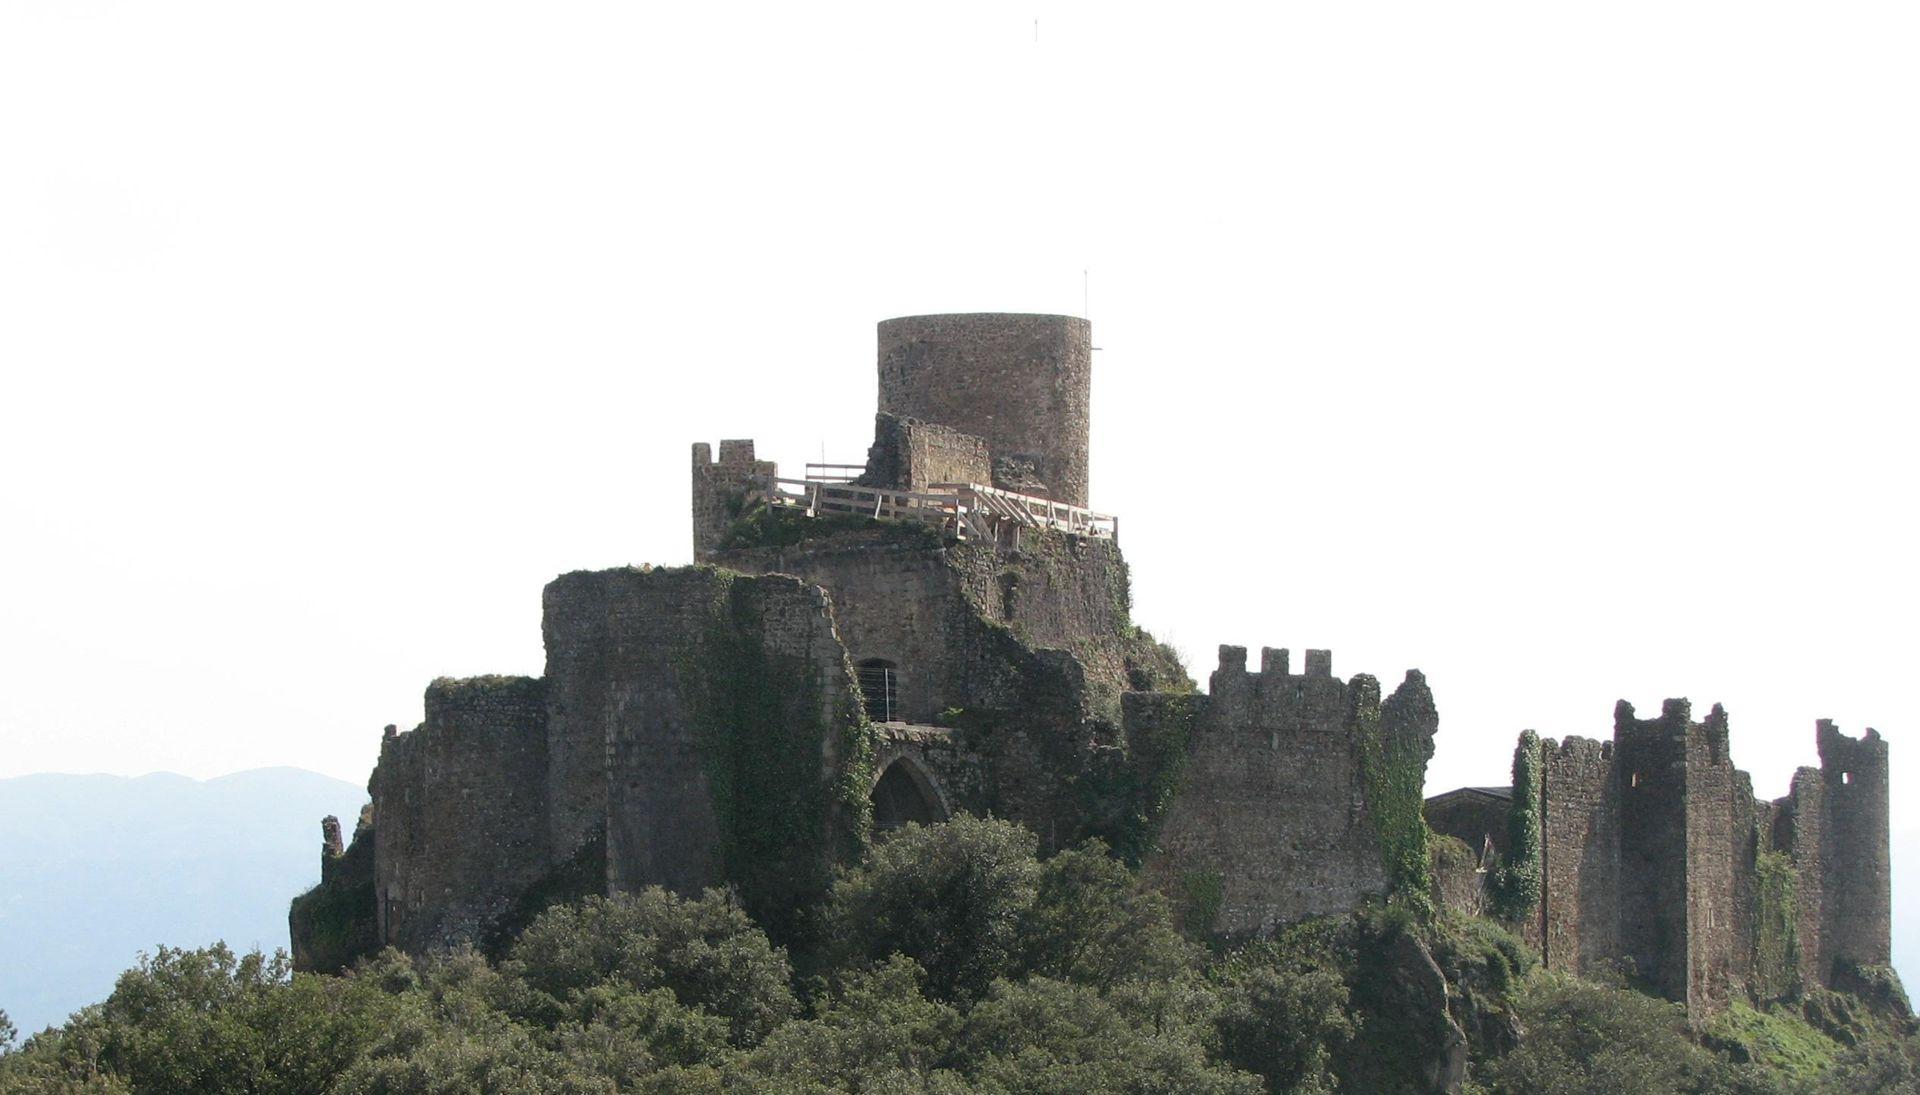 El castell de Montsoriu és considerat el castell més important del gòtic dels Països Catalans. Està situat entre les poblacions d